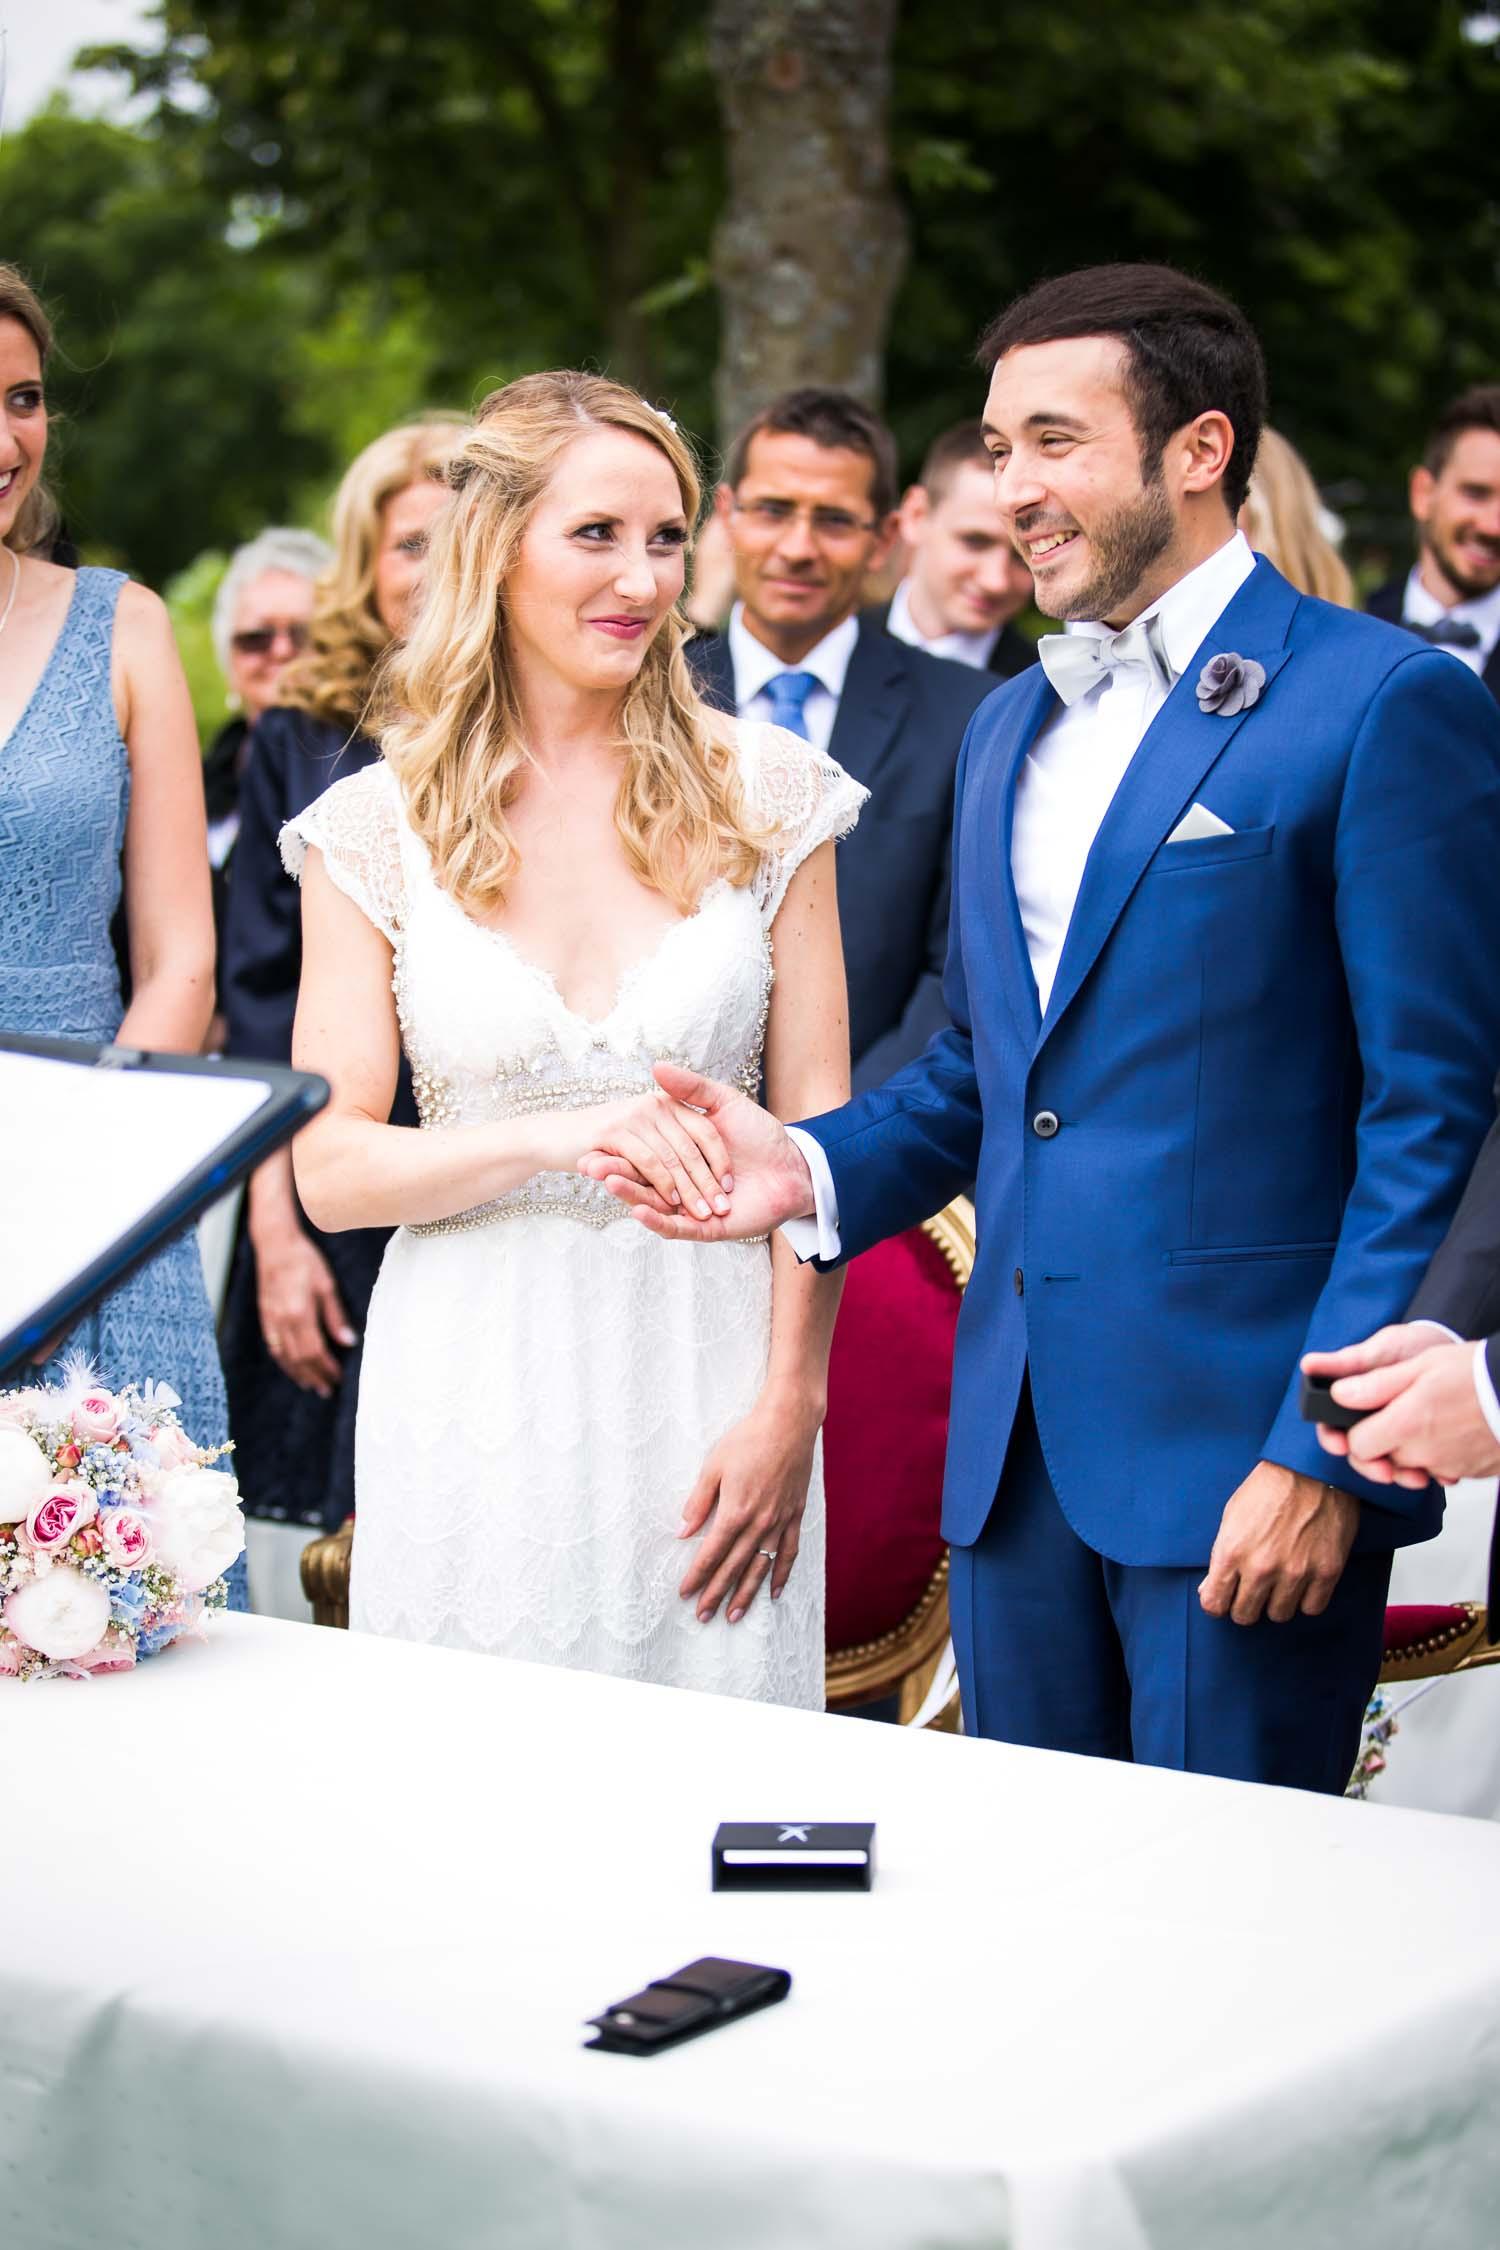 Hochzeitsfotografie dorinamilas beitrag frau immer herr ewig 26  – gesehen bei frauimmer-herrewig.de